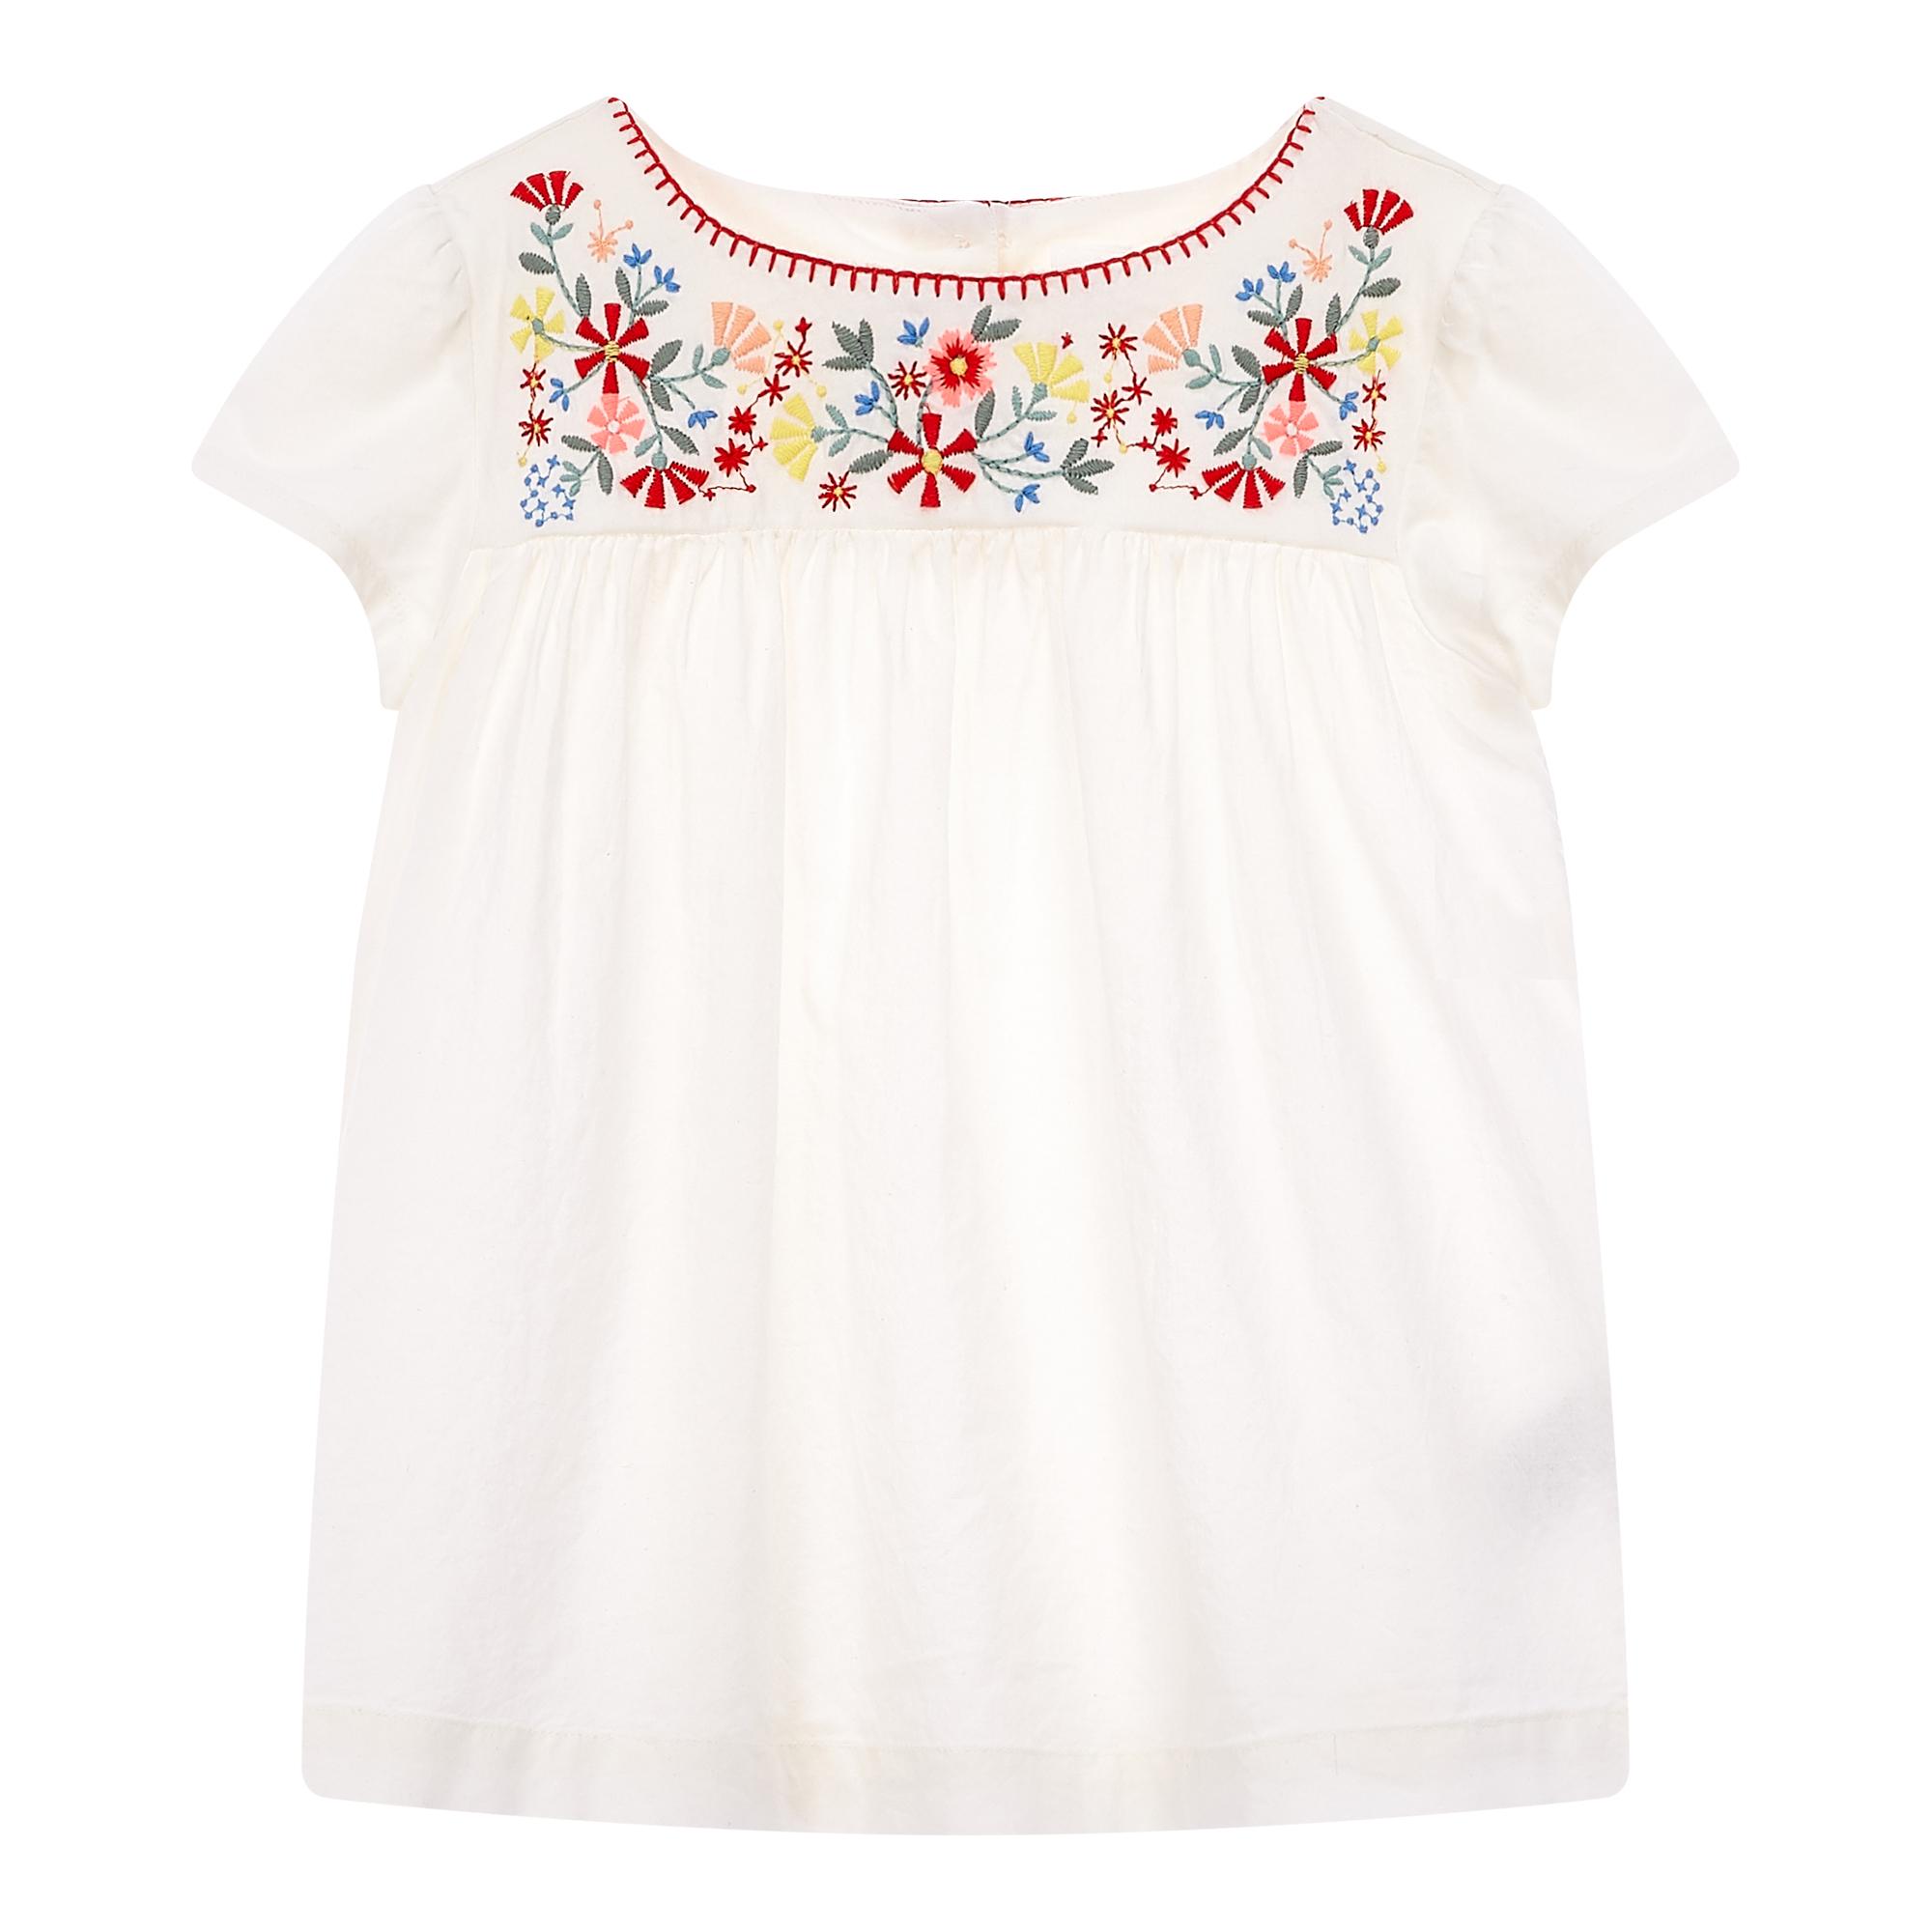 ★갭키즈 19년 SPRING★ [키즈 여아 6-14세] 플로럴 자수 플레어 티셔츠